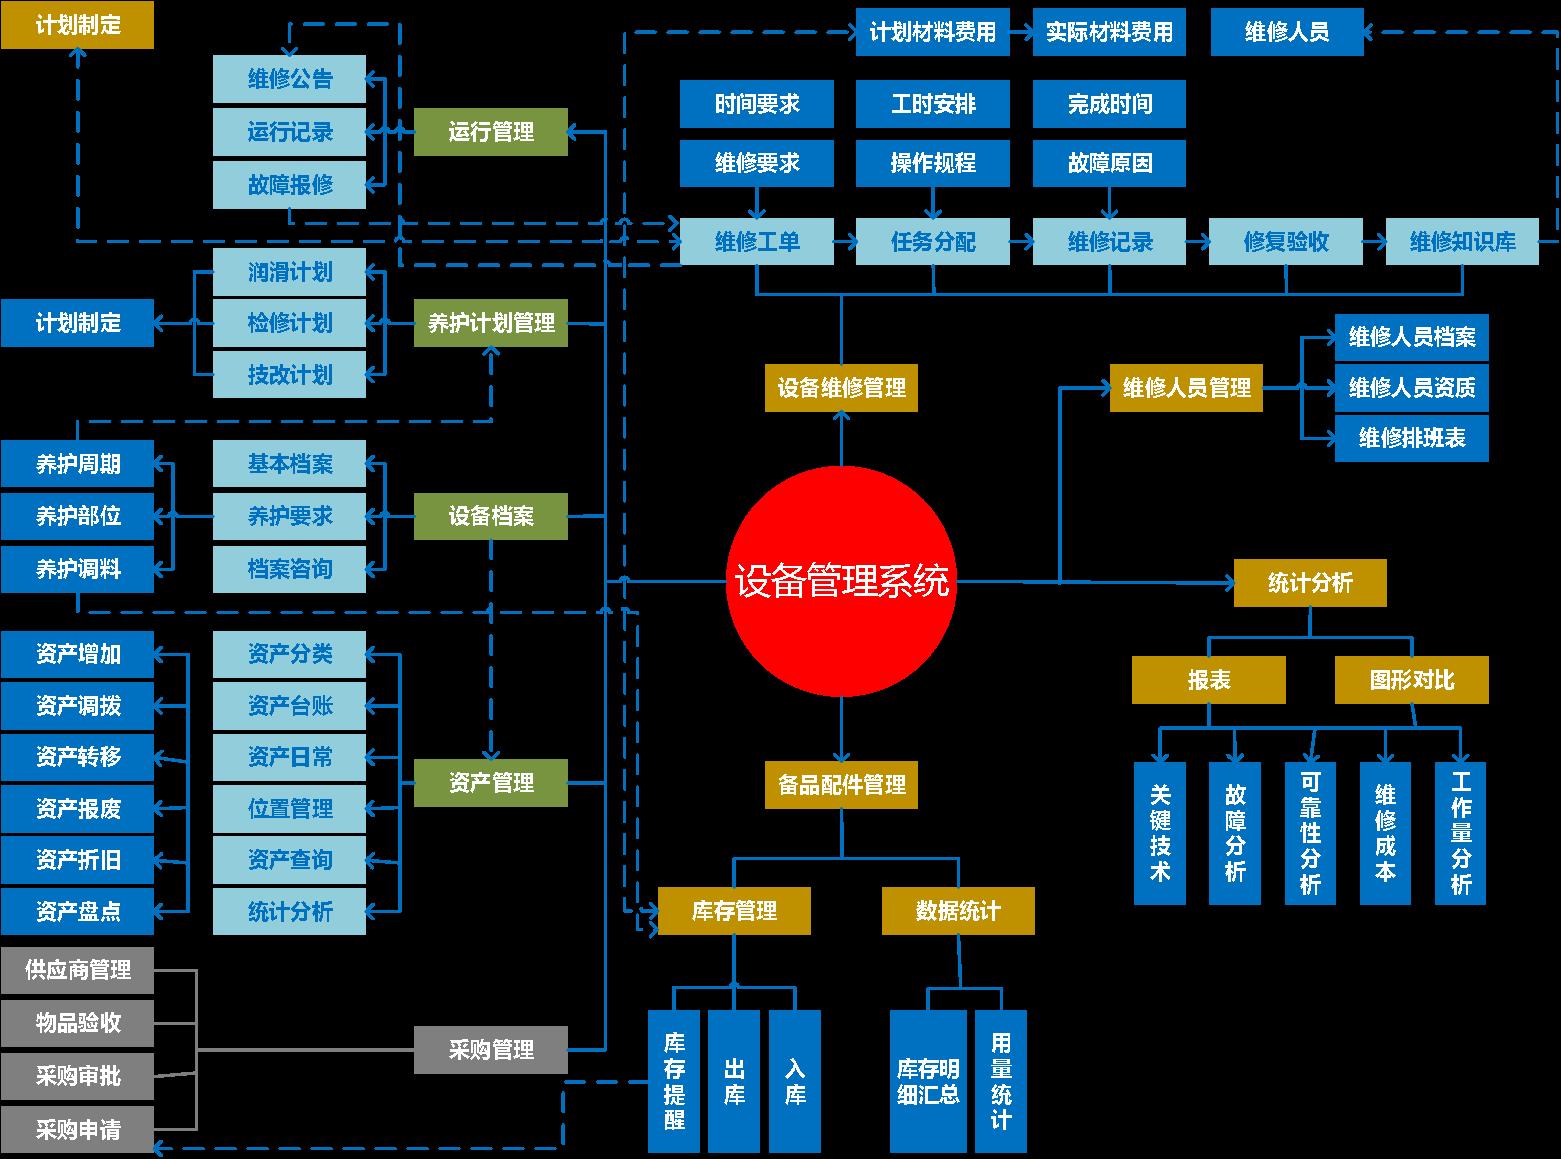 设备管理系统功能框架图